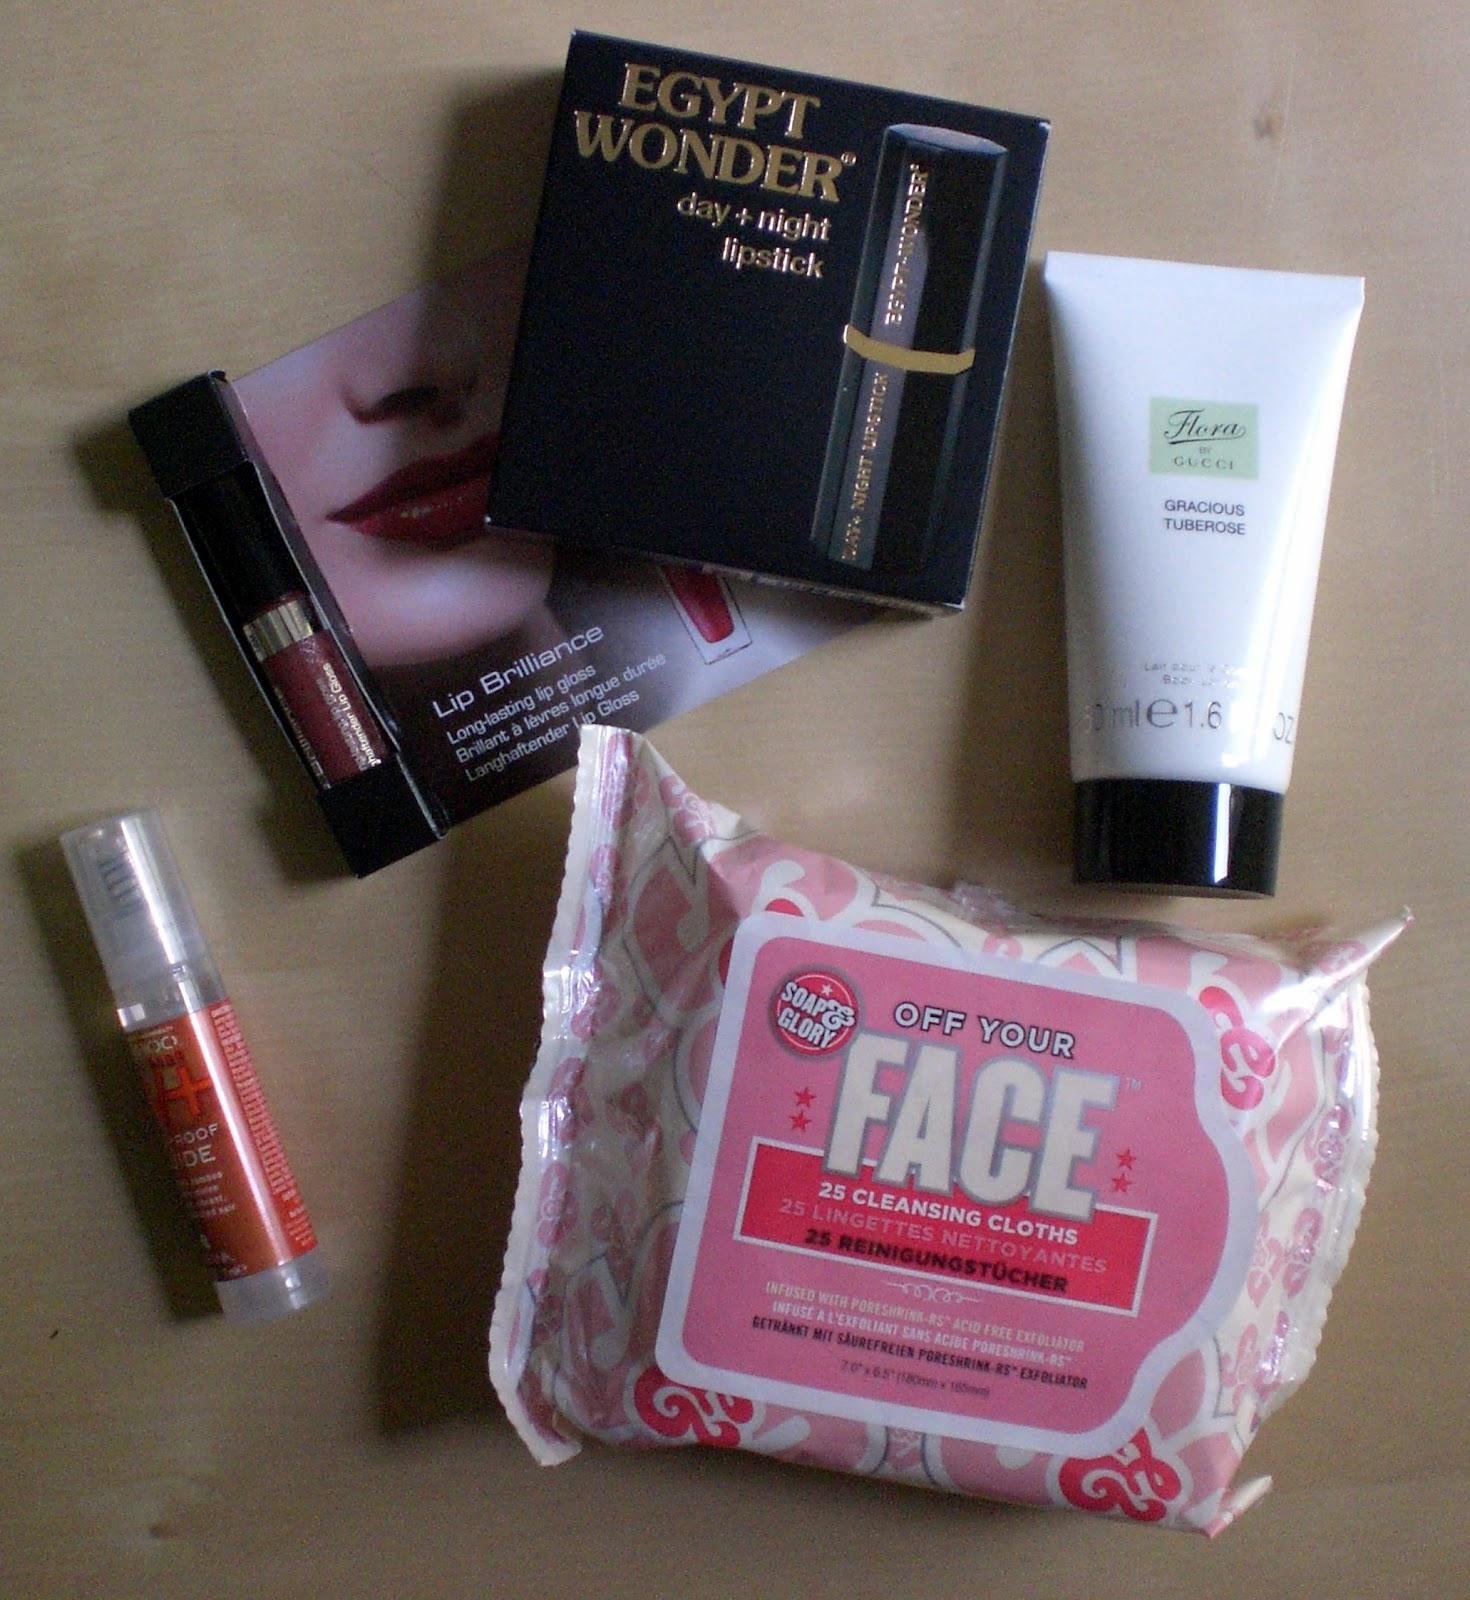 b4785607d Tana Day & Night Lipstick (4,58g): Das war das Originalprodukt. Ein  Lippenstift, der je nach pH-Wert der Haut seine Farbe ändert. Der UVP  beträgt 12,90 €.